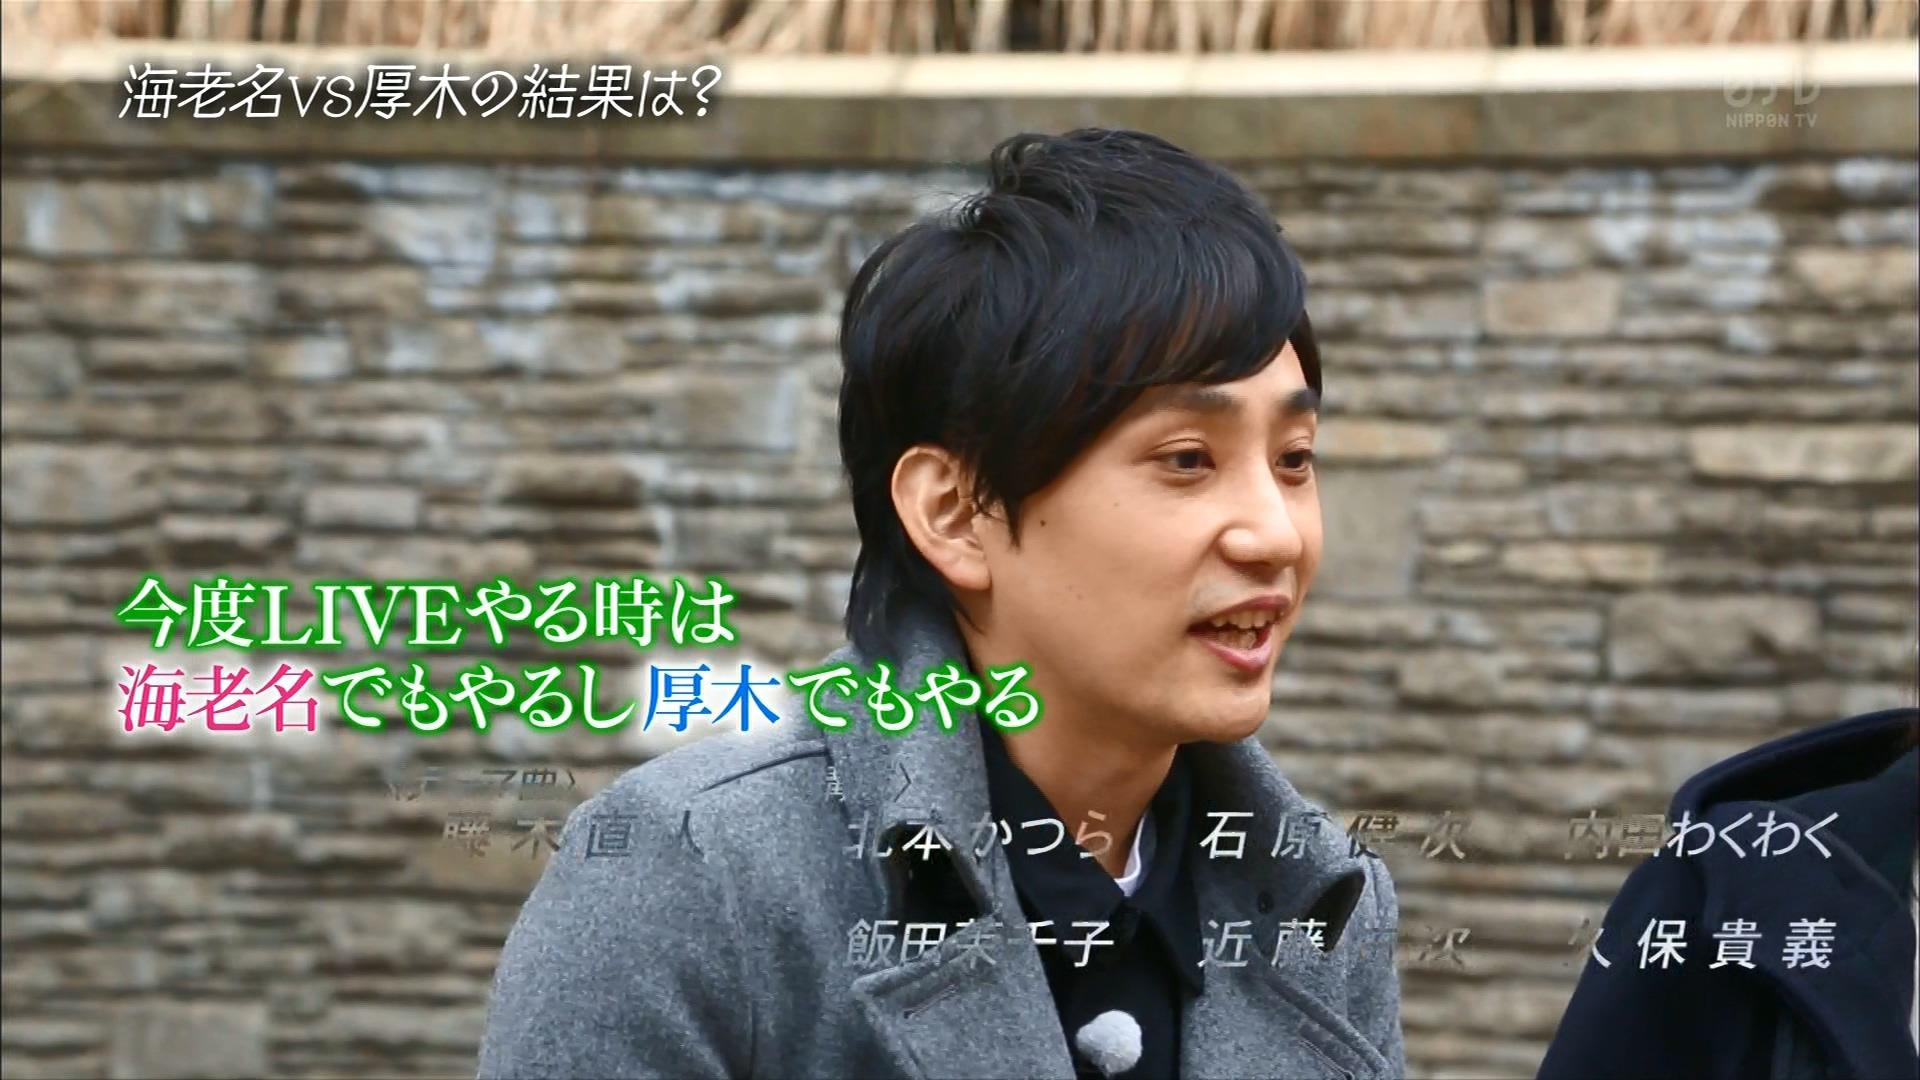 2016.03.13 全場(おしゃれイズム).ts_20160314_013339.930